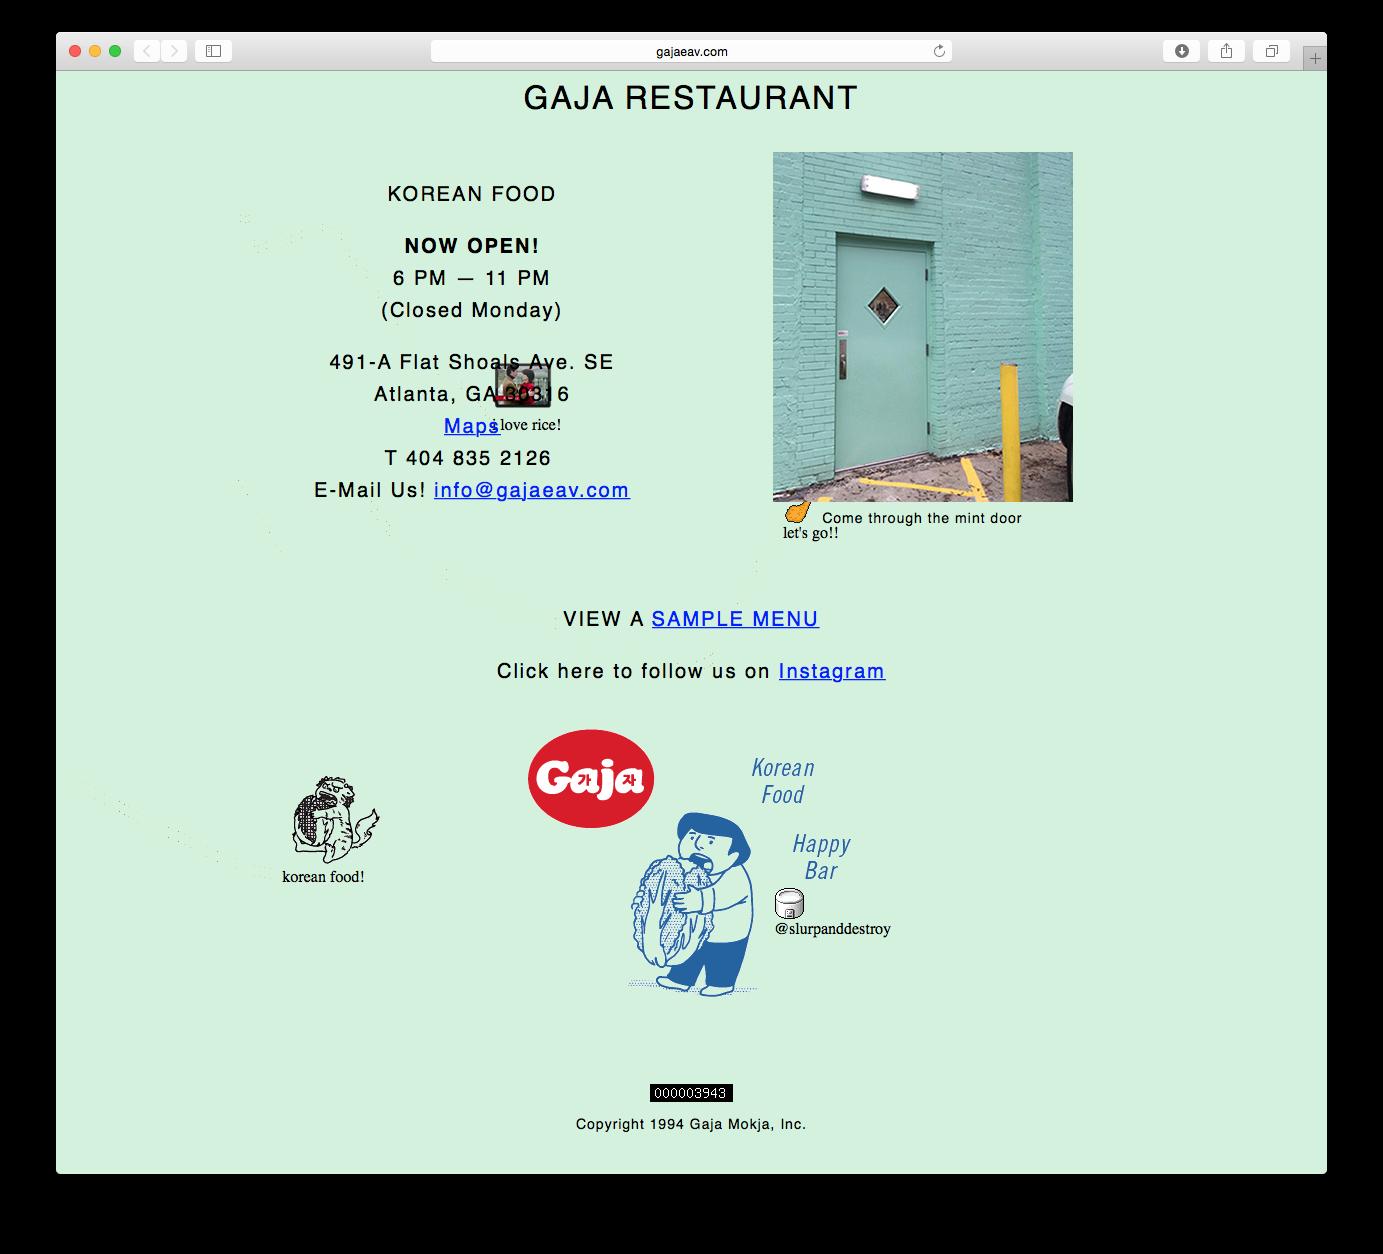 gaja_eav_website.jpg